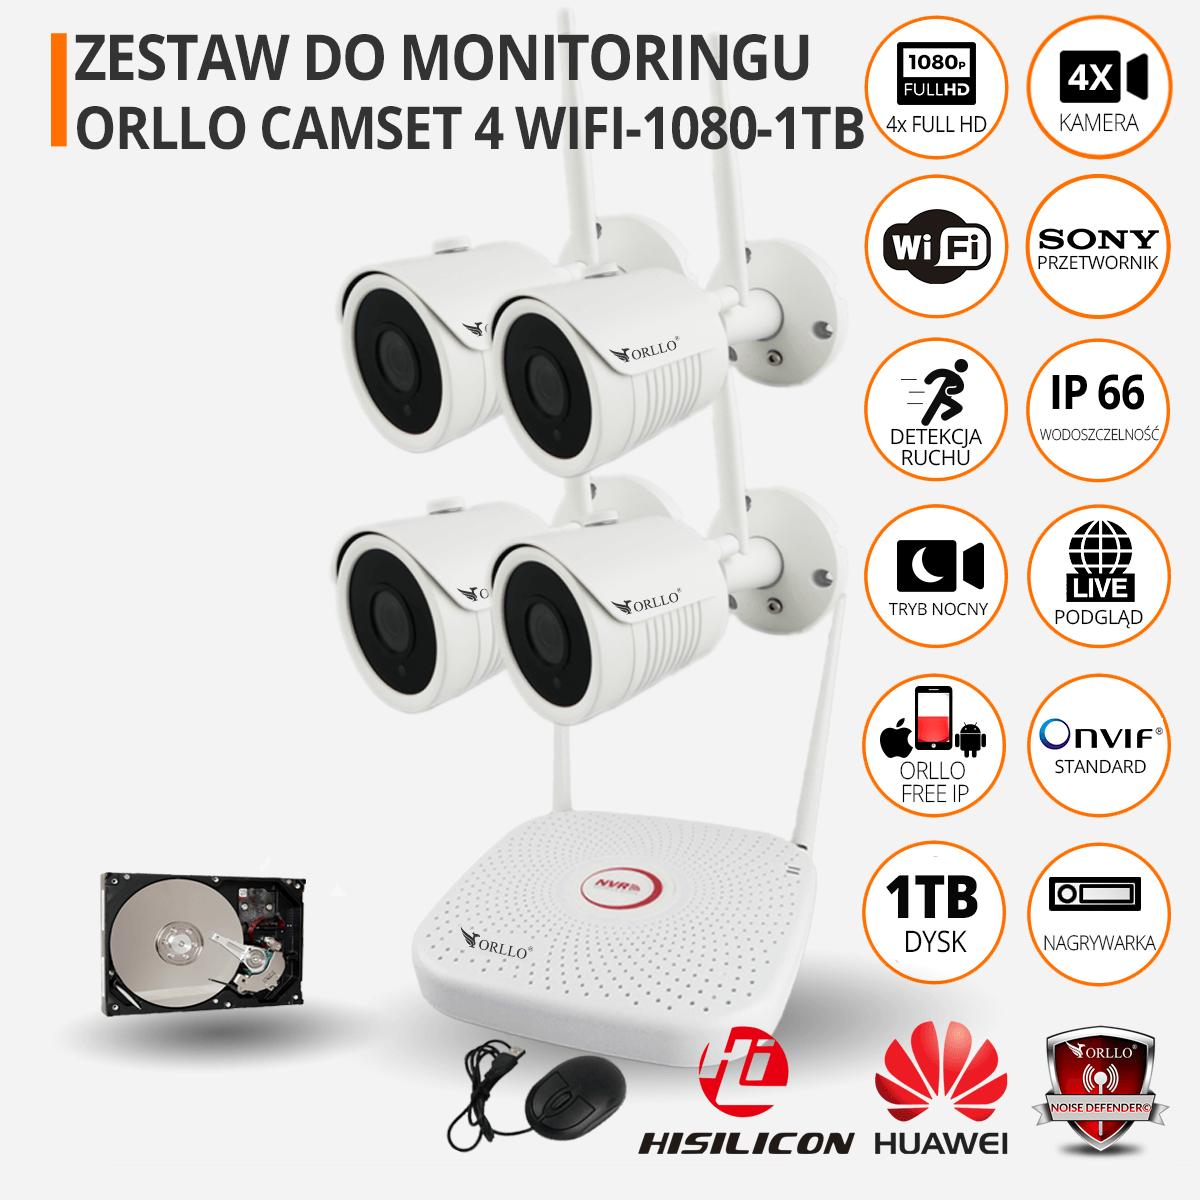 Kamera-do-monitoringu-CAMSET-funkcje-orllo-pl